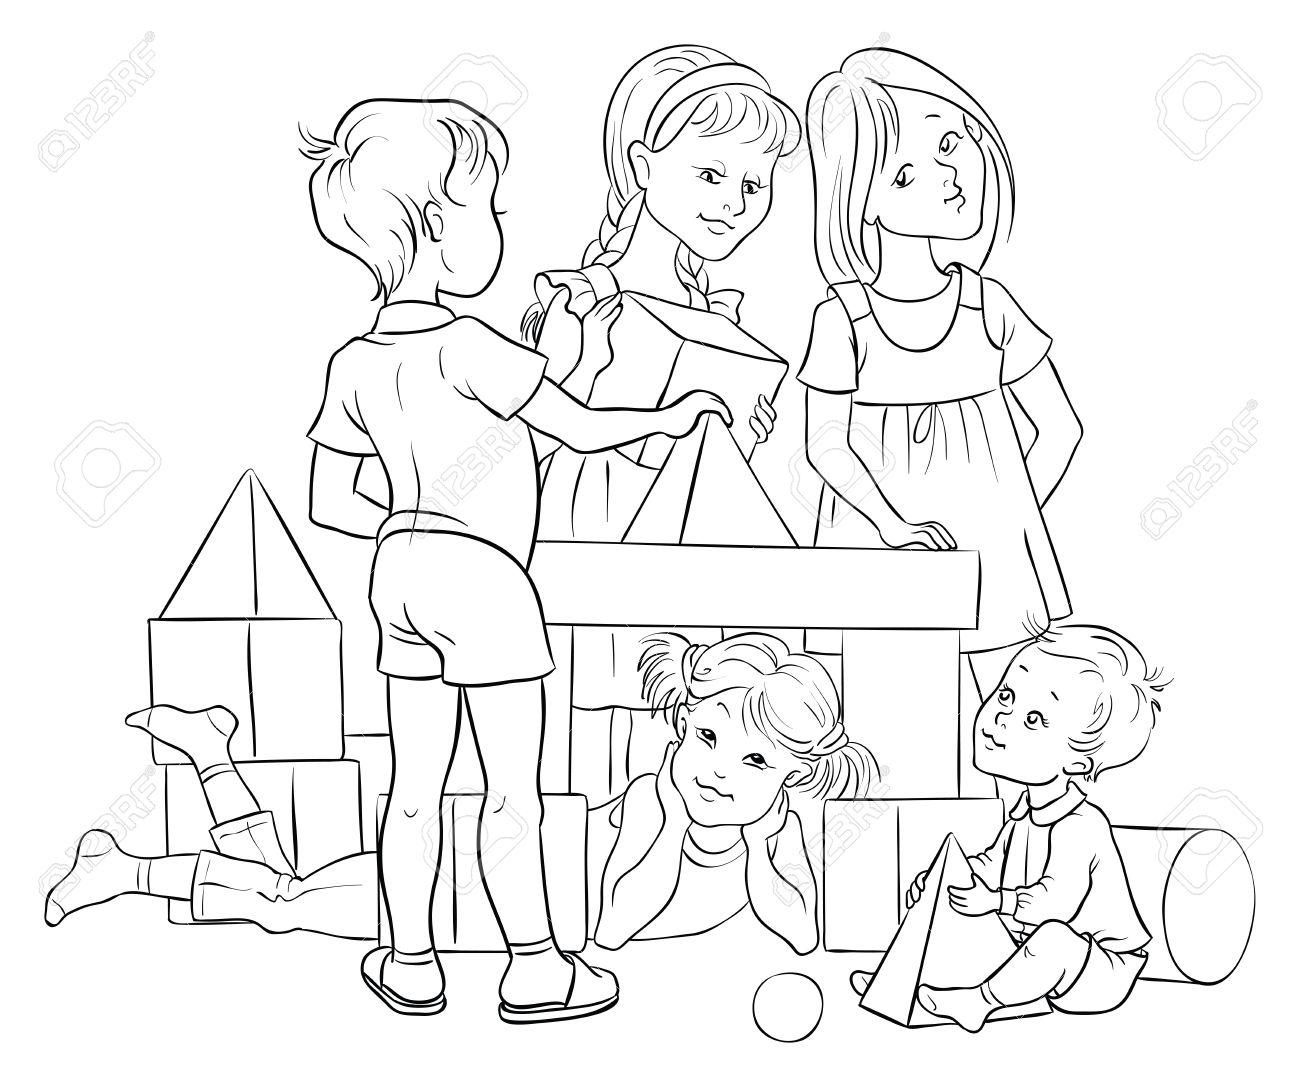 Kinder Spielen Mit Bunten Blöcke Gebäude. Colouring Seite Lizenzfrei ...